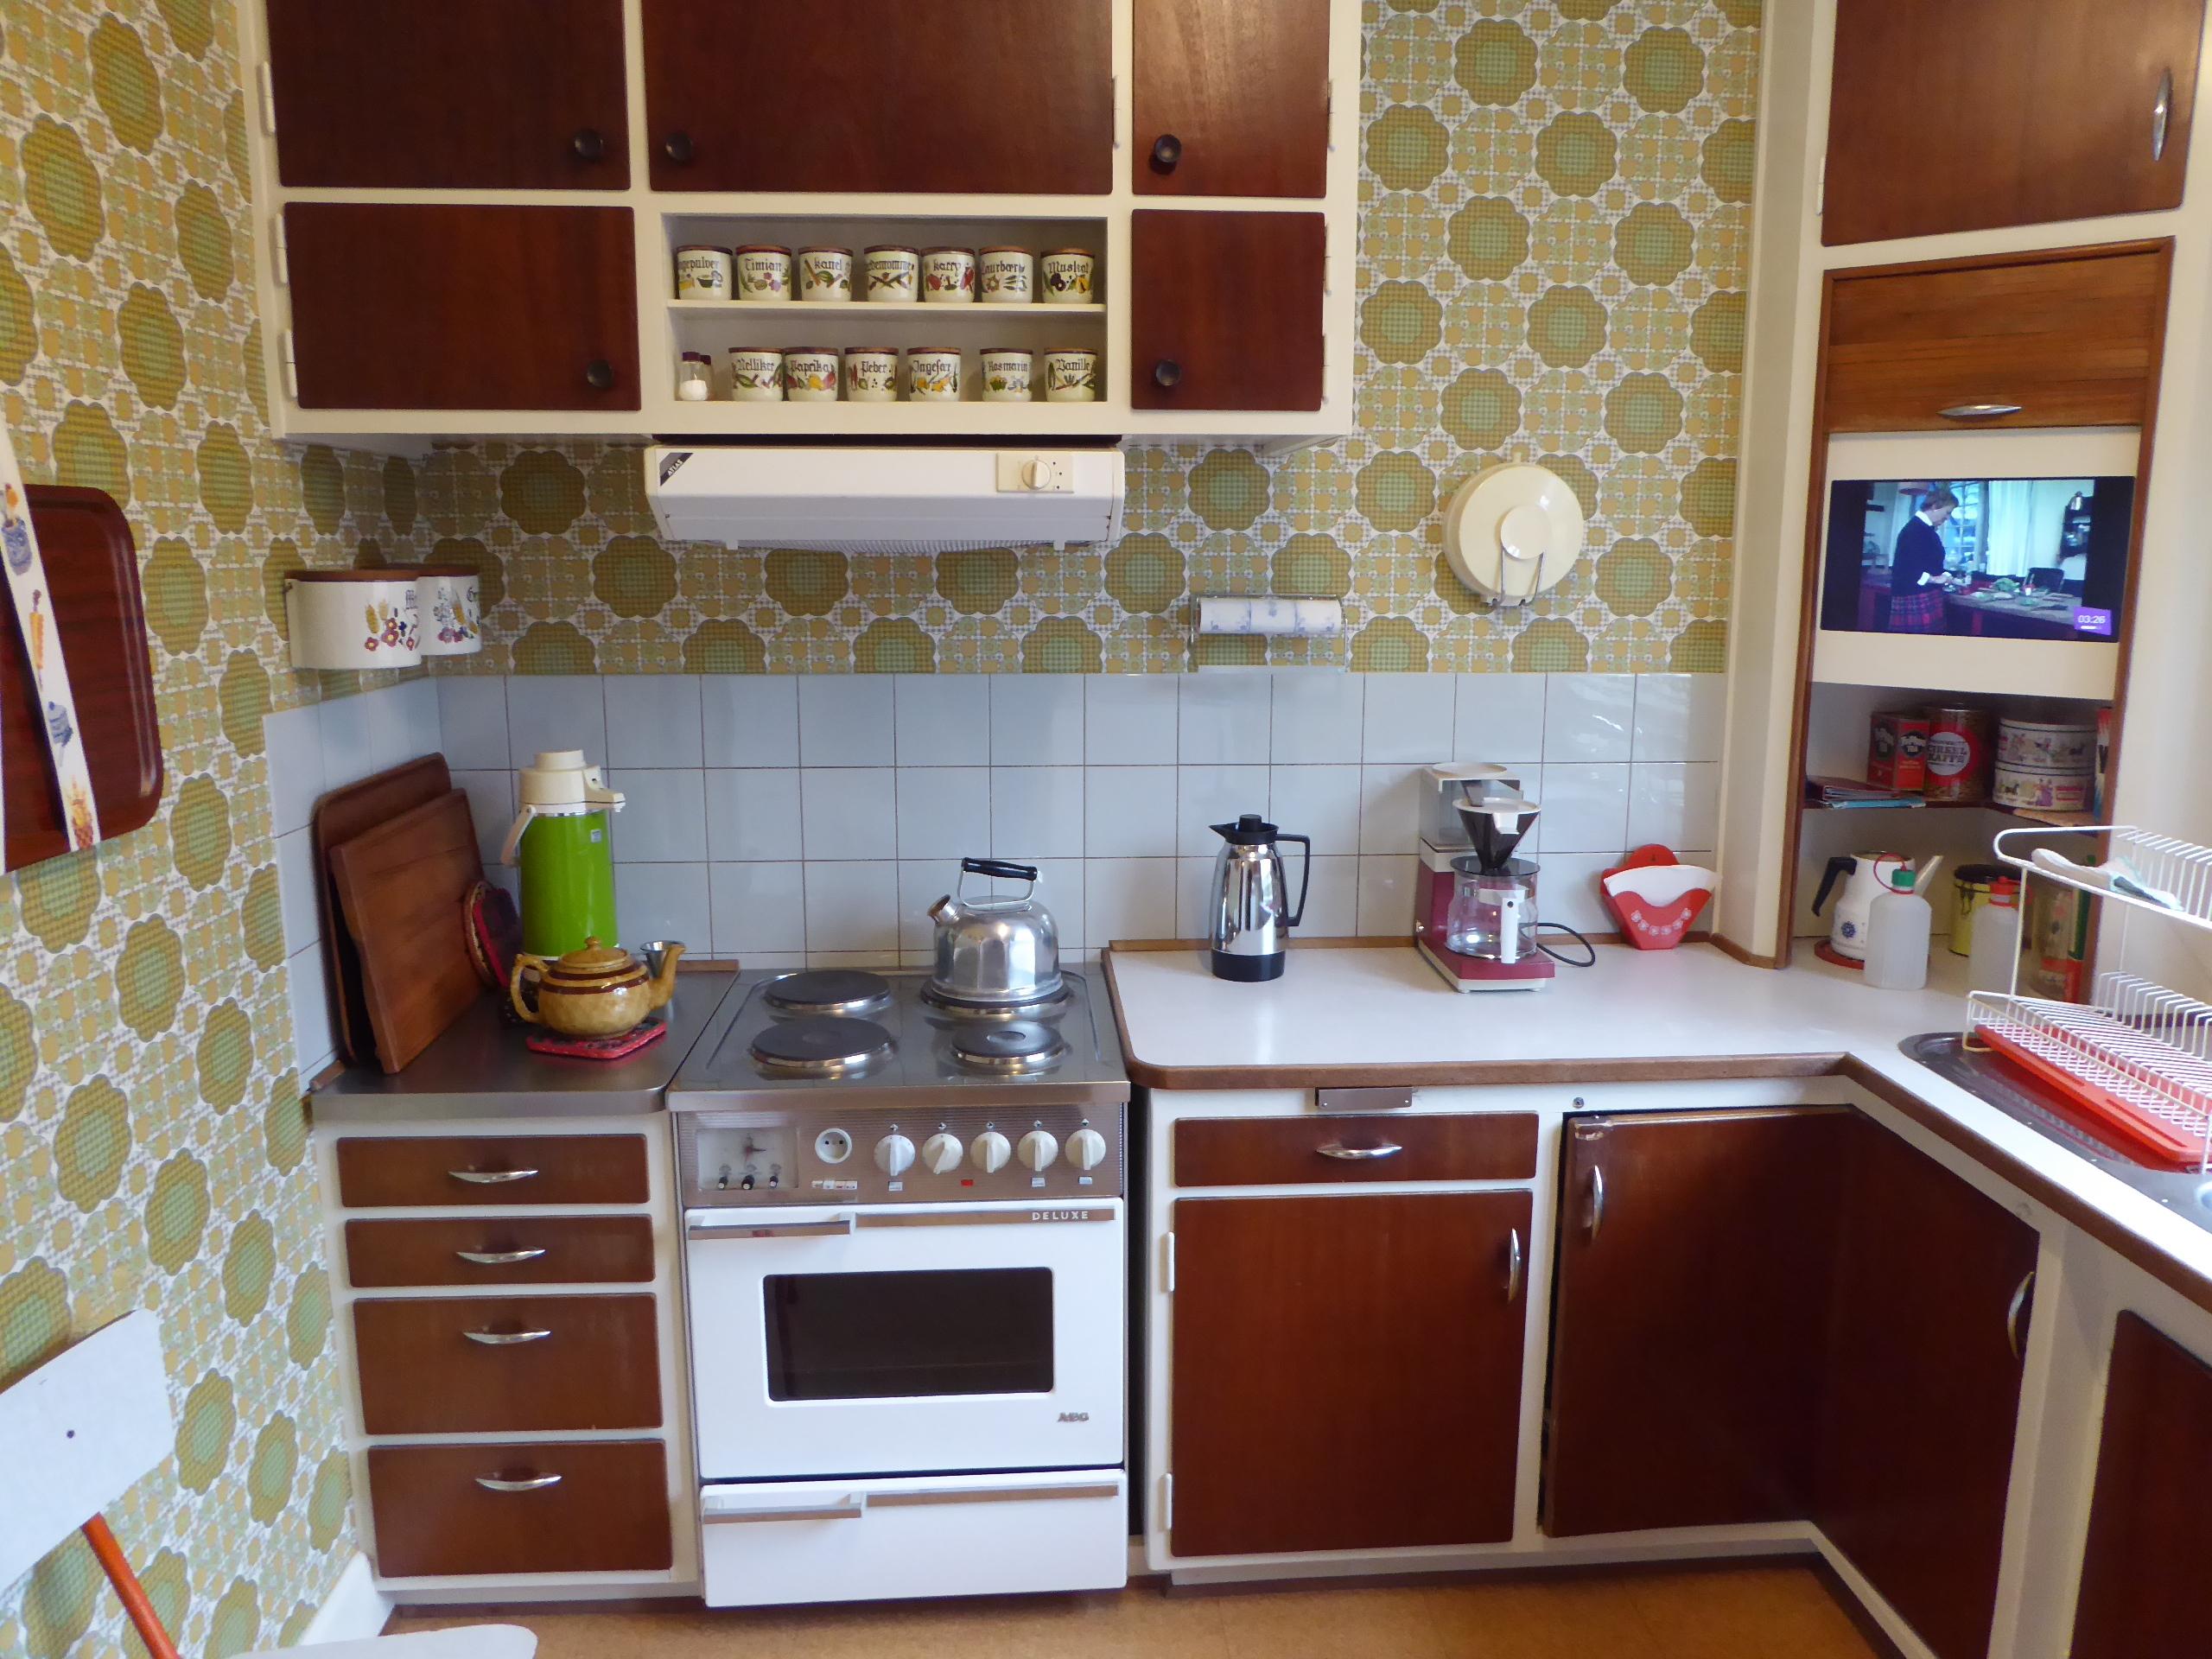 Large Size of Kitchen:20 Asian Style Kitchen Ideas For 2018 Kitchen Reno Ideas This